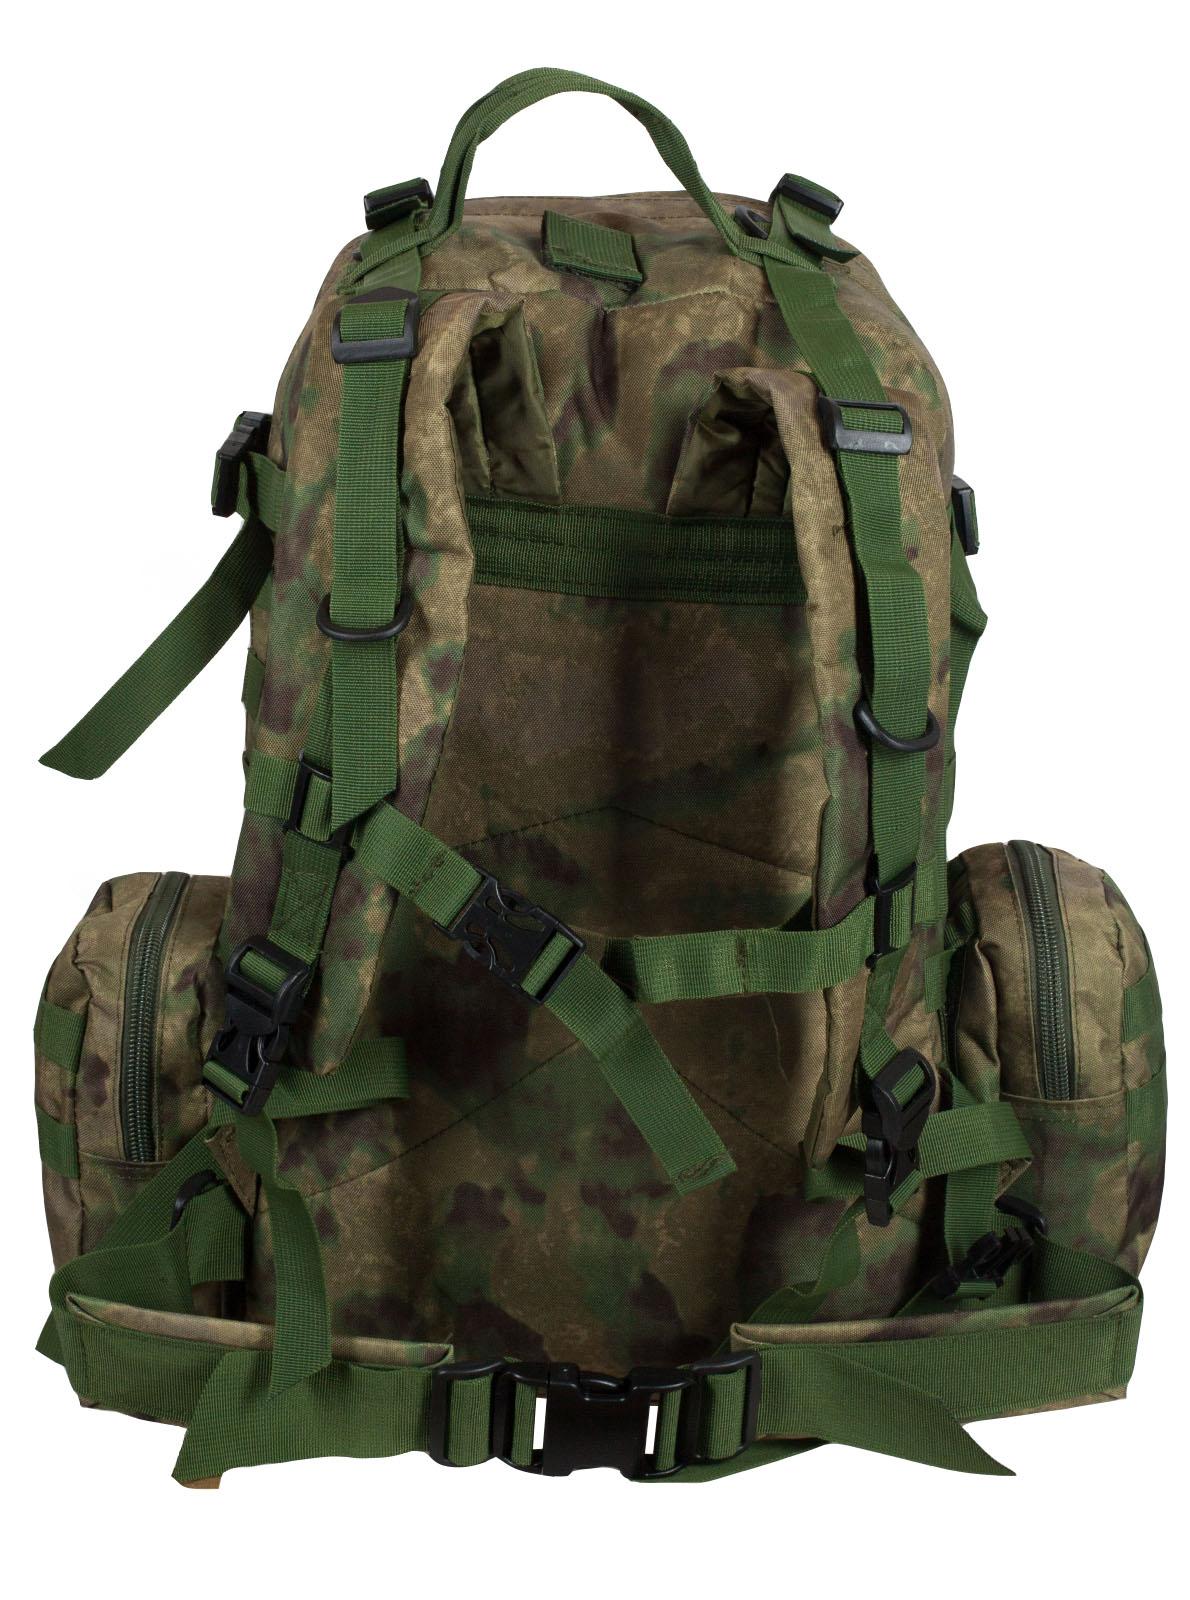 Заказать тактический рюкзак с подсумком с нашивкой для охотников